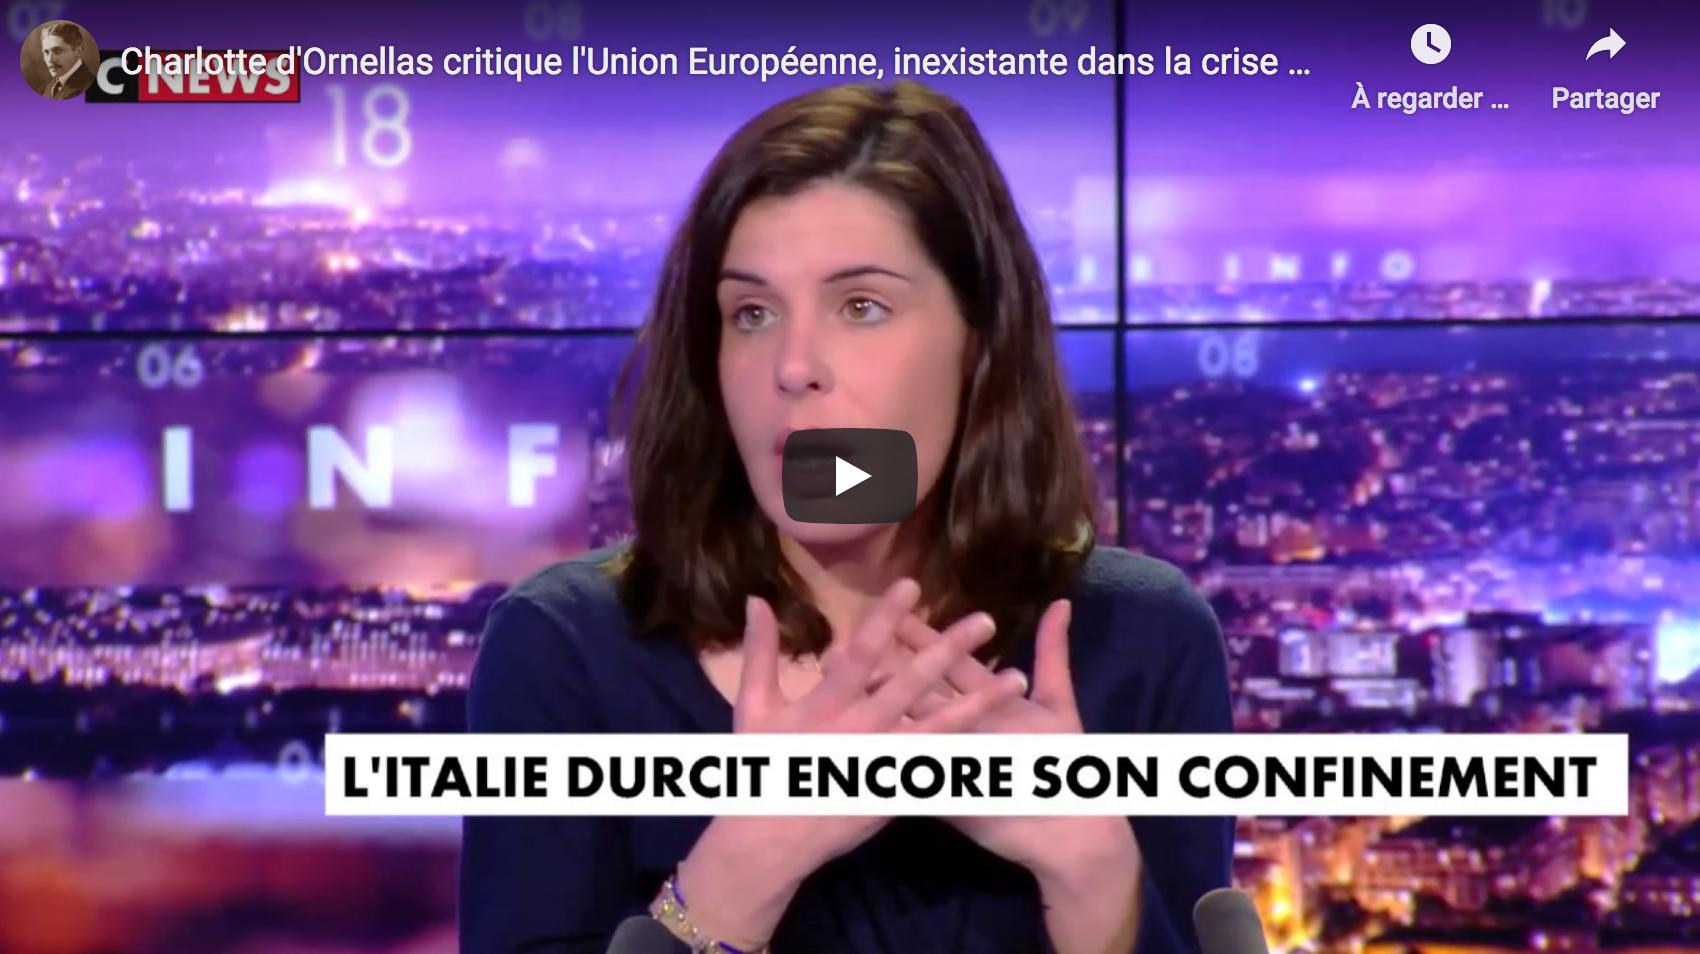 Charlotte d'Ornellas critique l'Union Européenne, inexistante dans la crise du Covid-19 (VIDÉO)